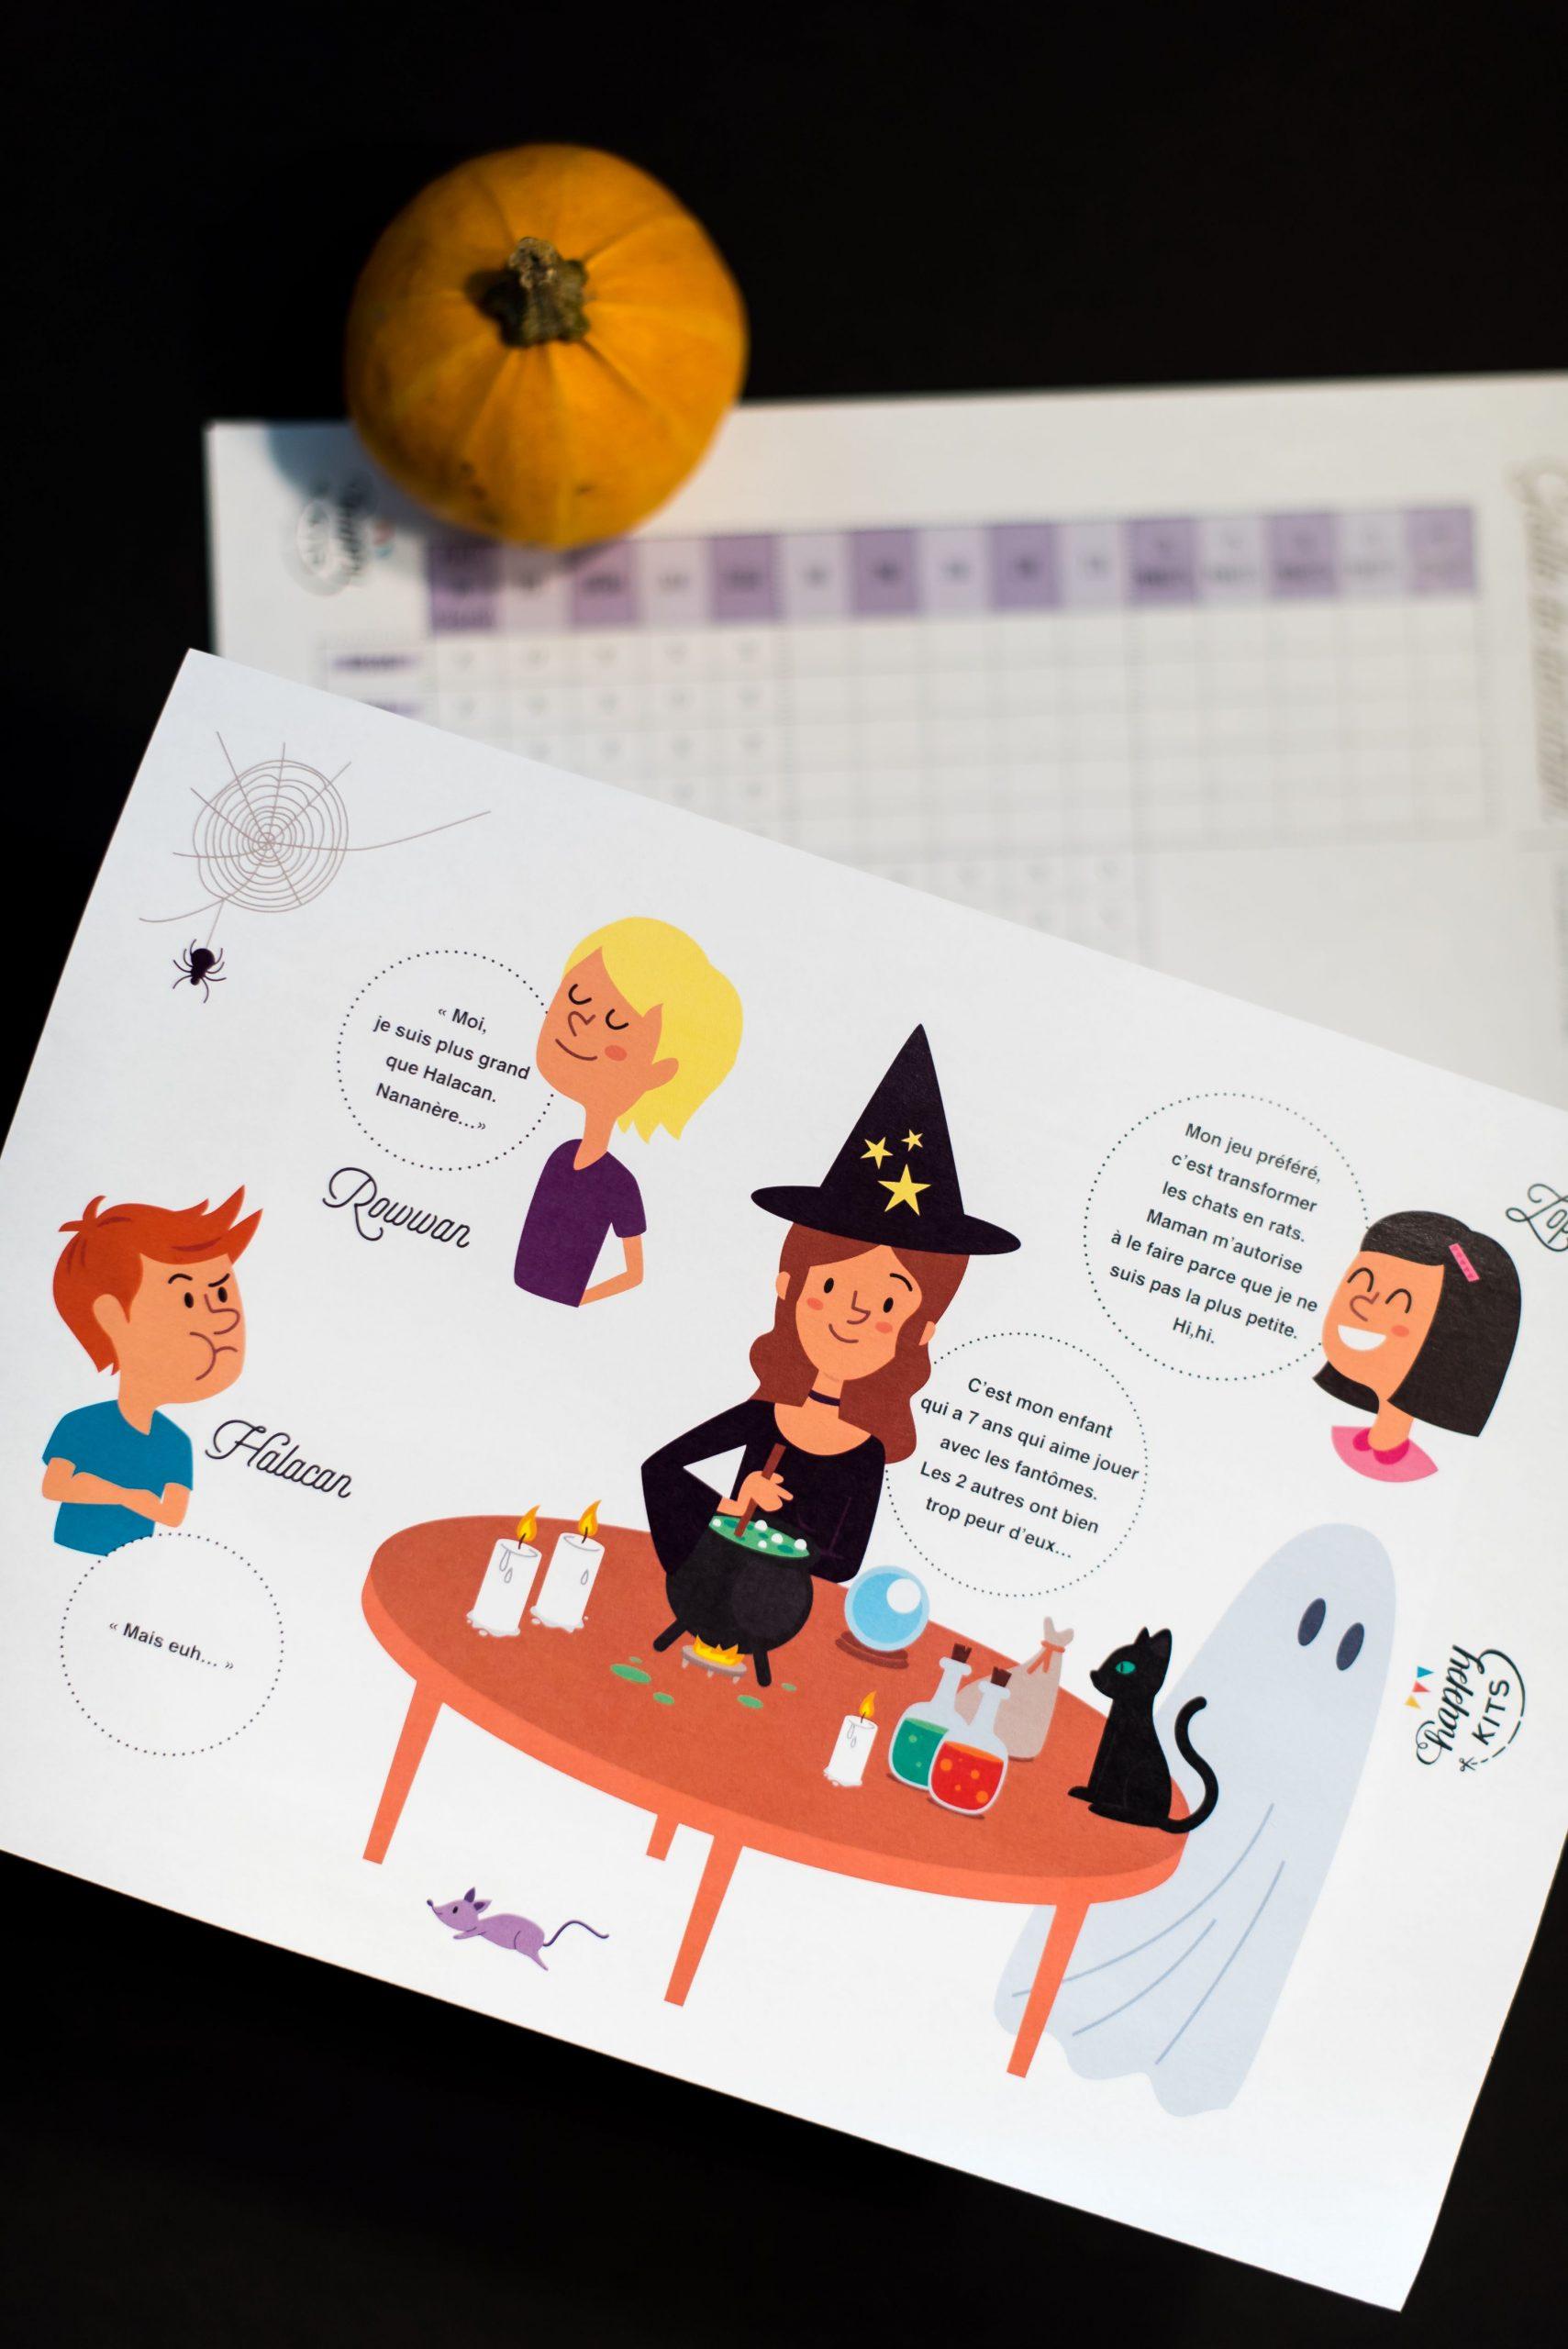 Jeu Gratuit À Imprimer Pour Adultes Et Enfants Aimant concernant Jeux Gratuits À Imprimer Pour Adultes